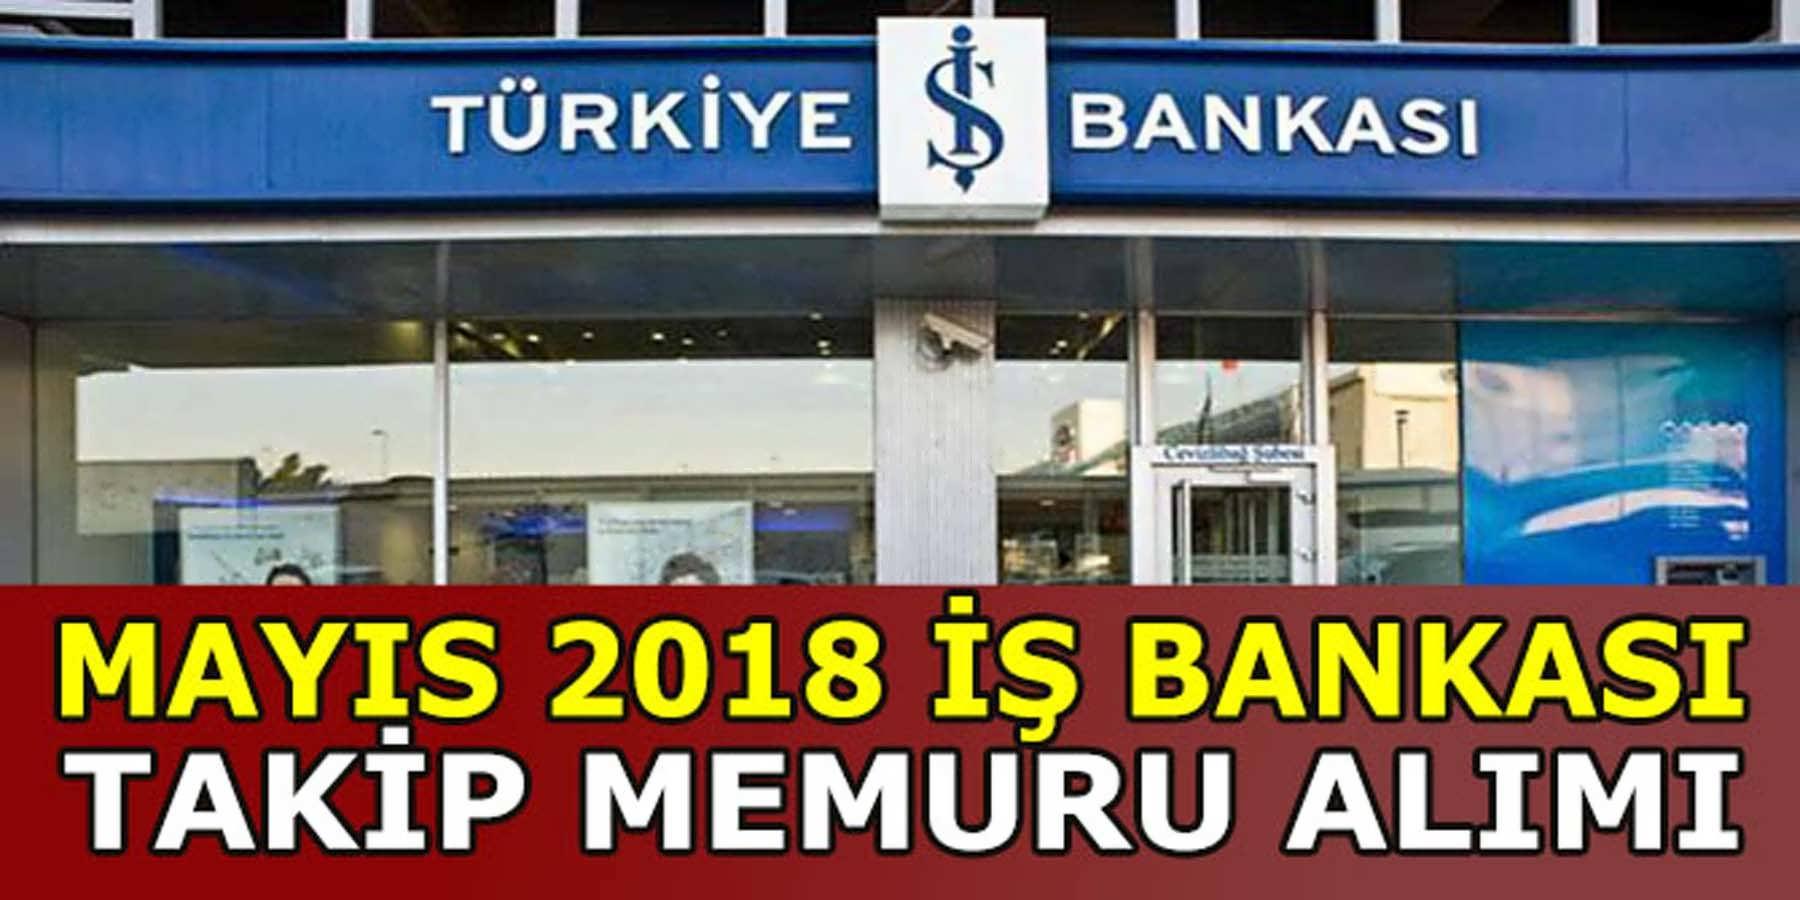 İş Bankası Mayıs 2018 Takip Memuru Alımı